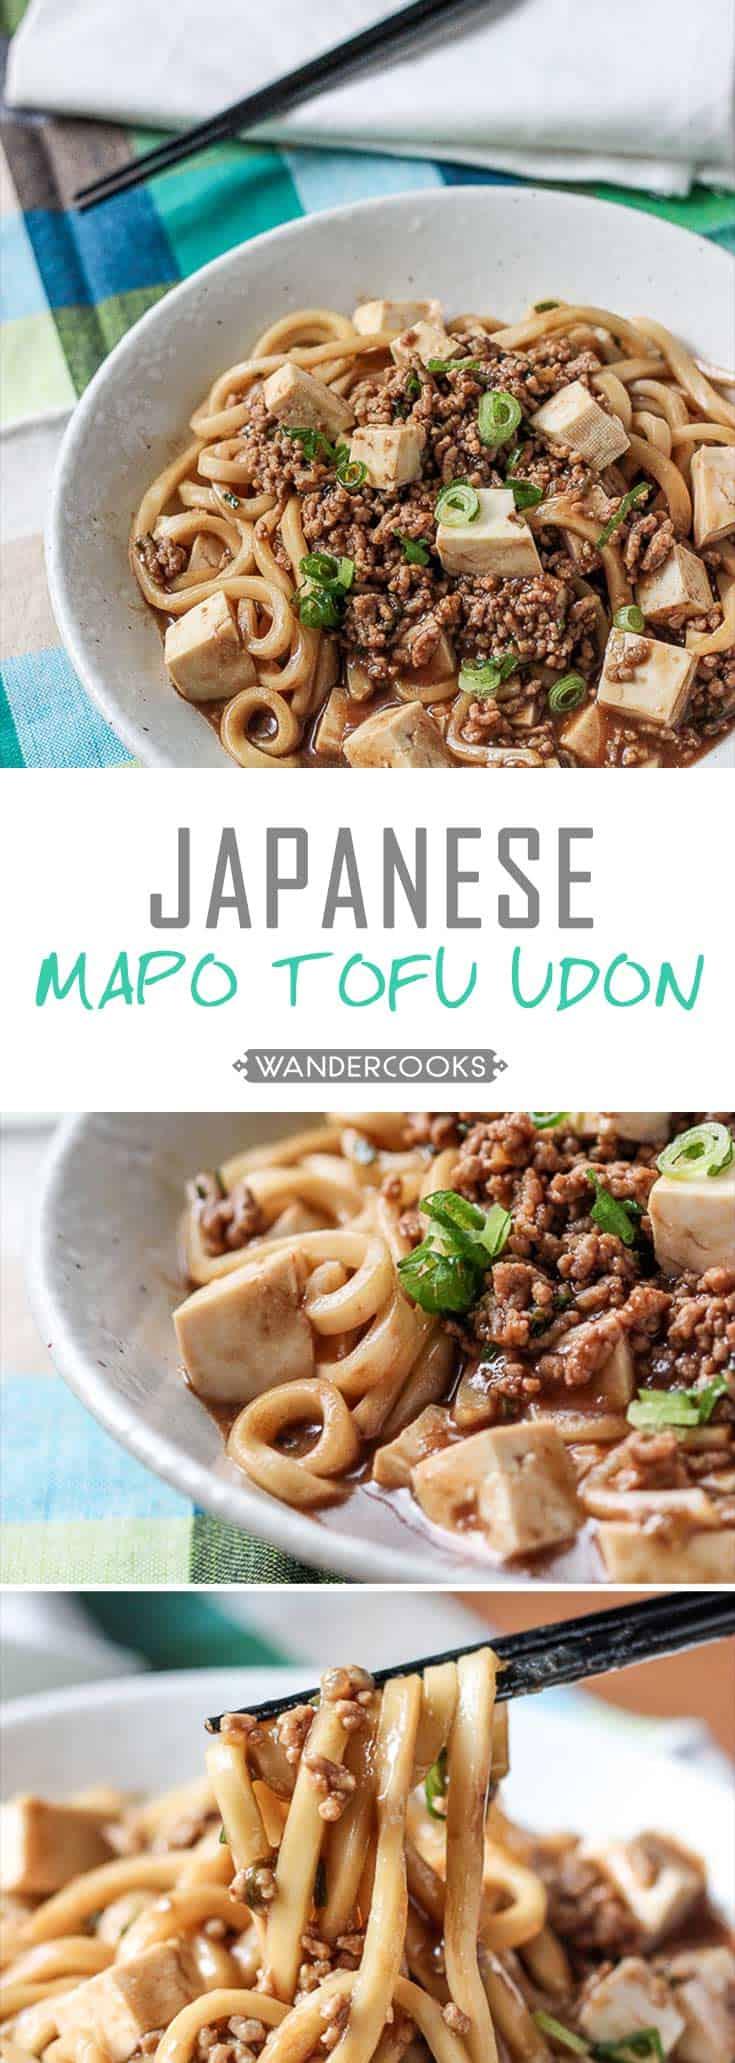 Japanese Mapo Tofu Udon Bowls